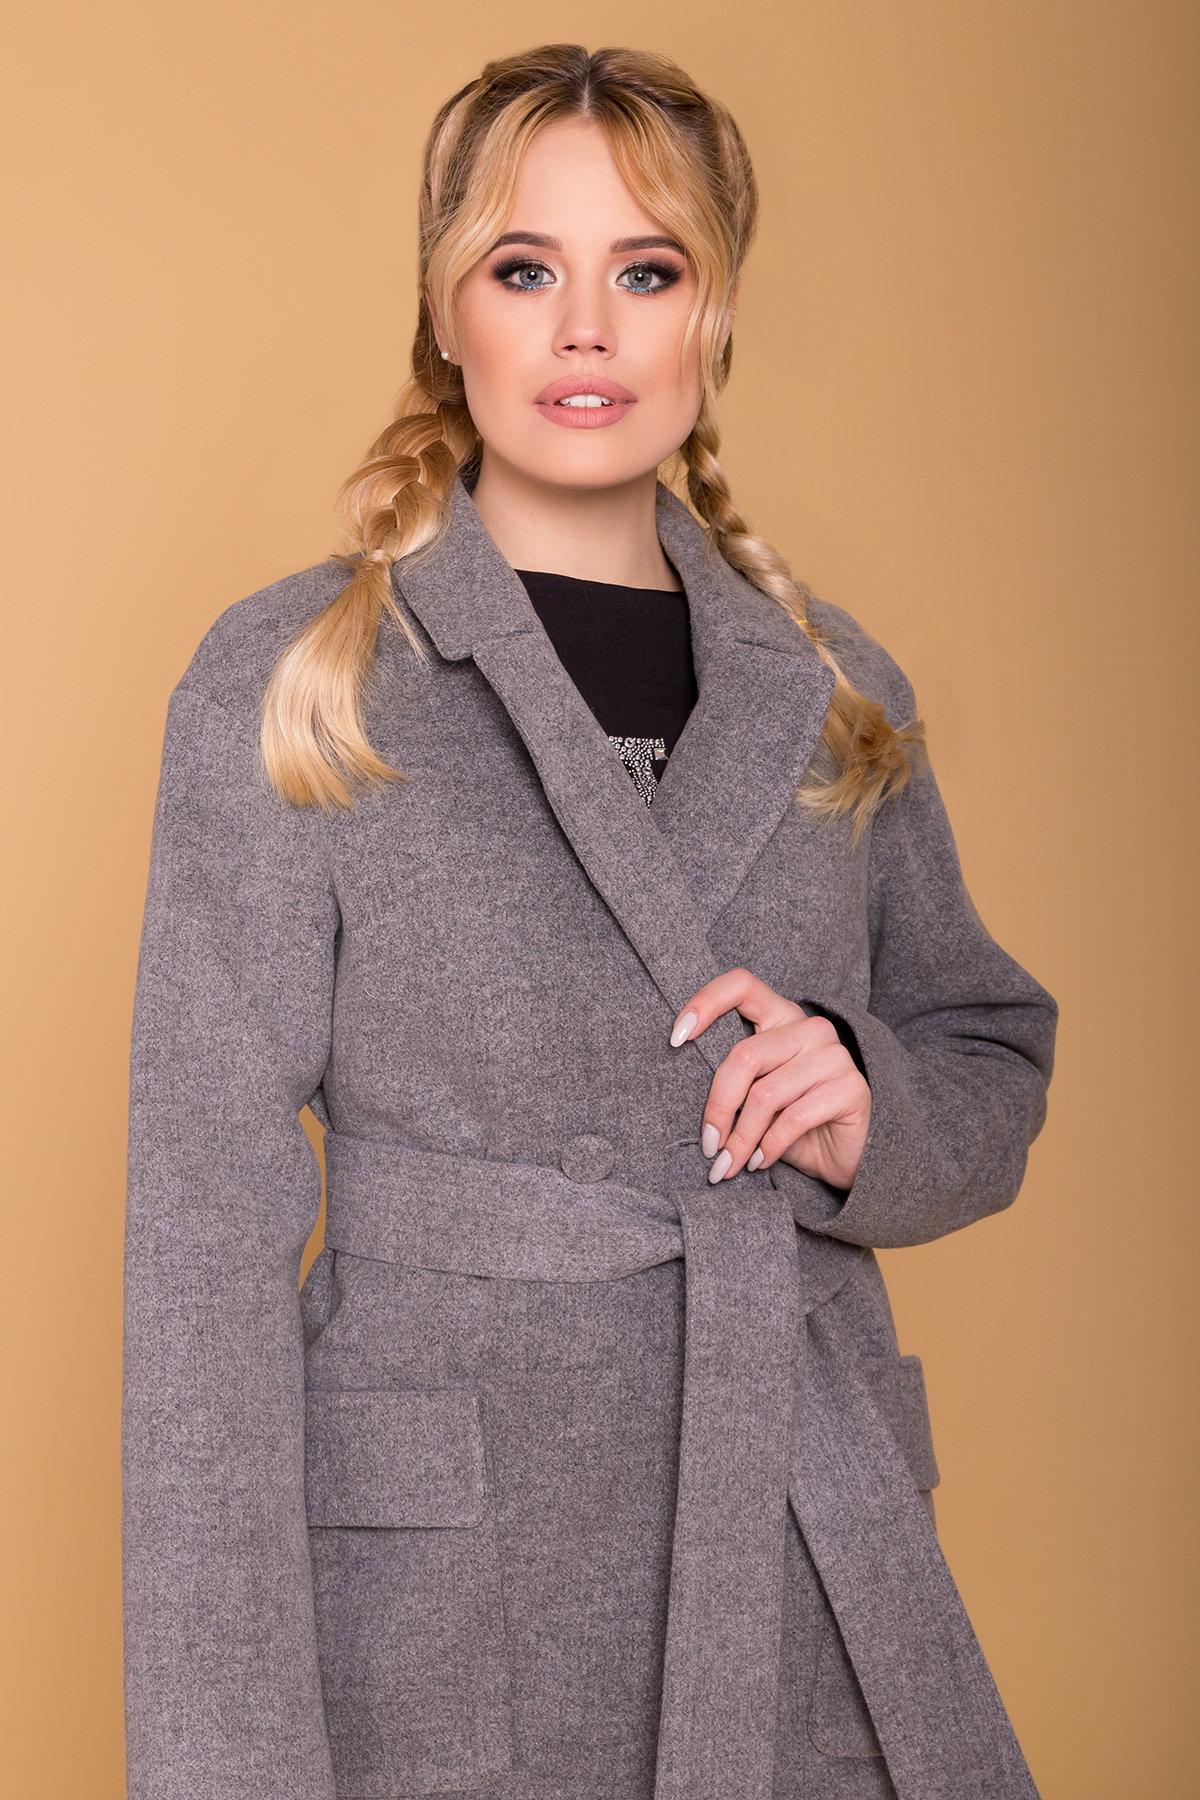 Пальто Парма (94) 6341 АРТ. 41170 Цвет: Серый 18 - фото 5, интернет магазин tm-modus.ru